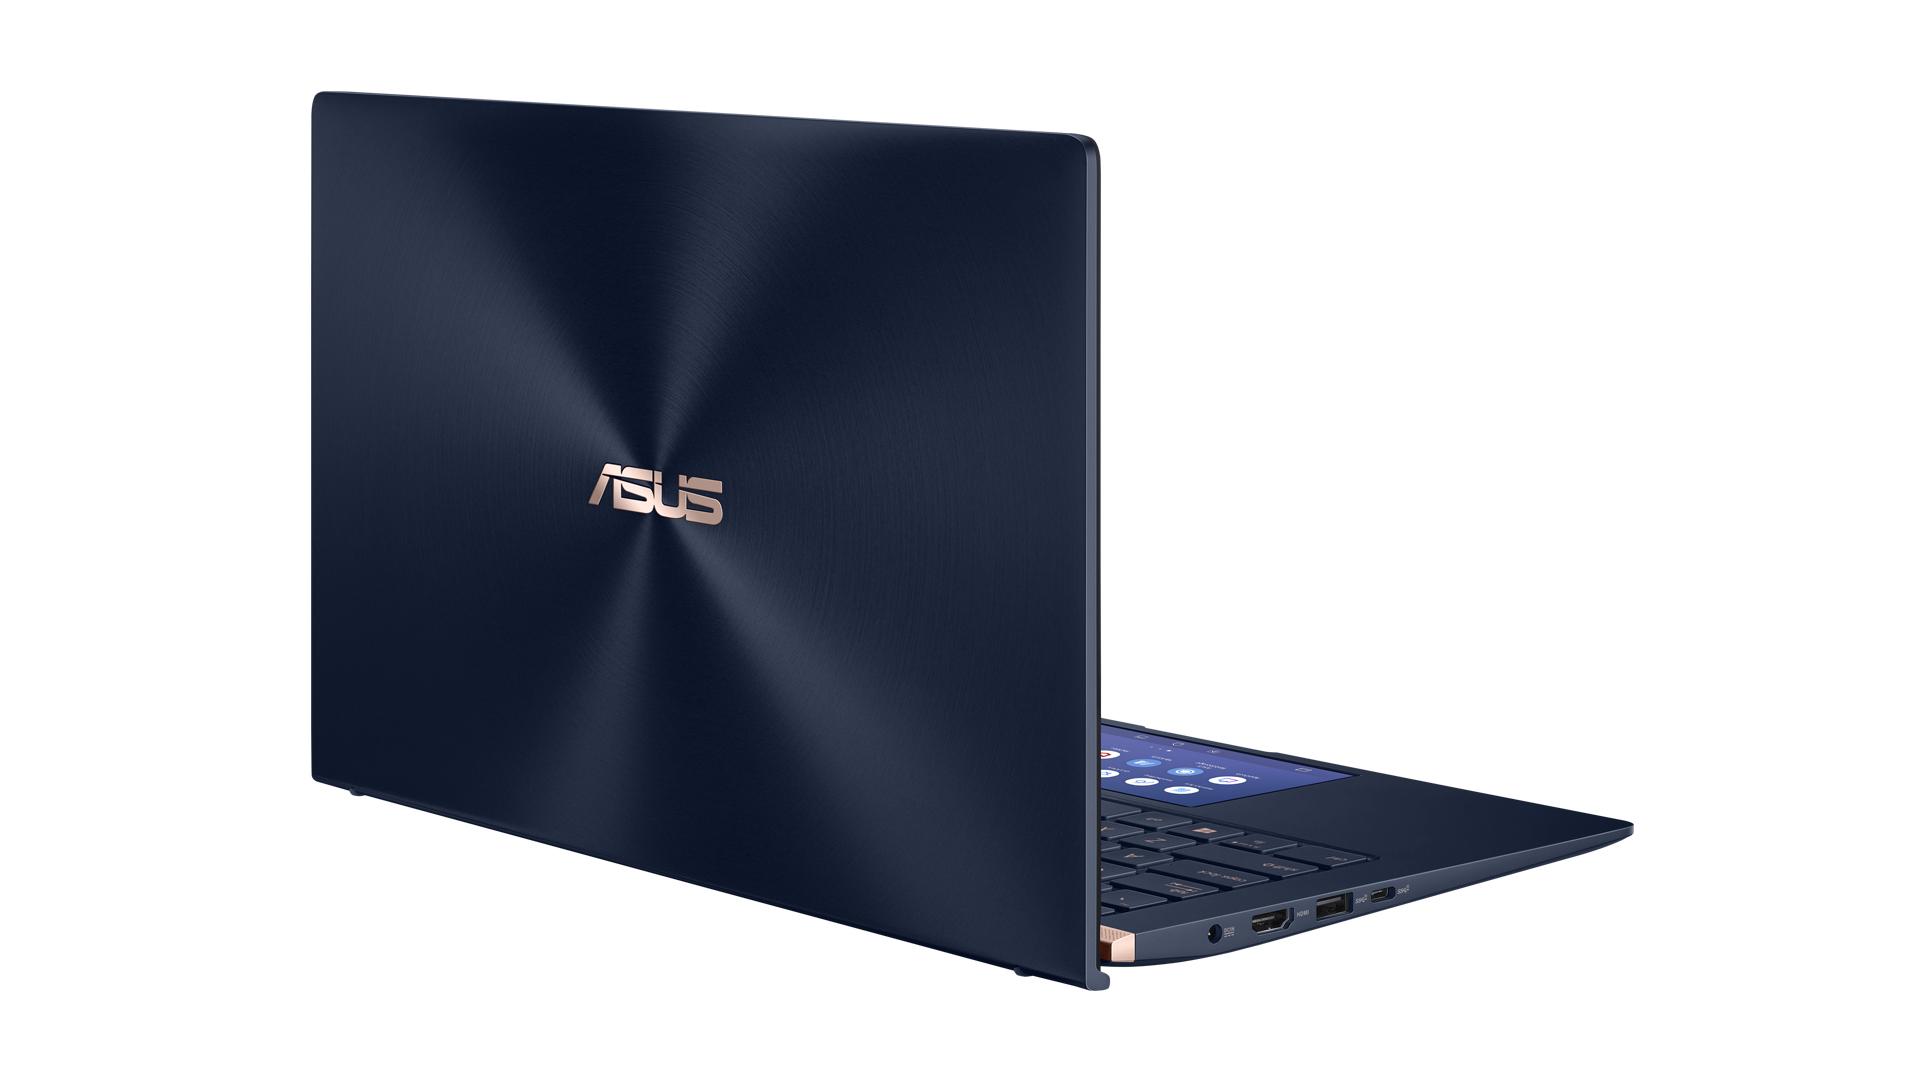 ZenBook 14 chega com 8 GB de memória RAM (Foto: Divulgação/Asus)